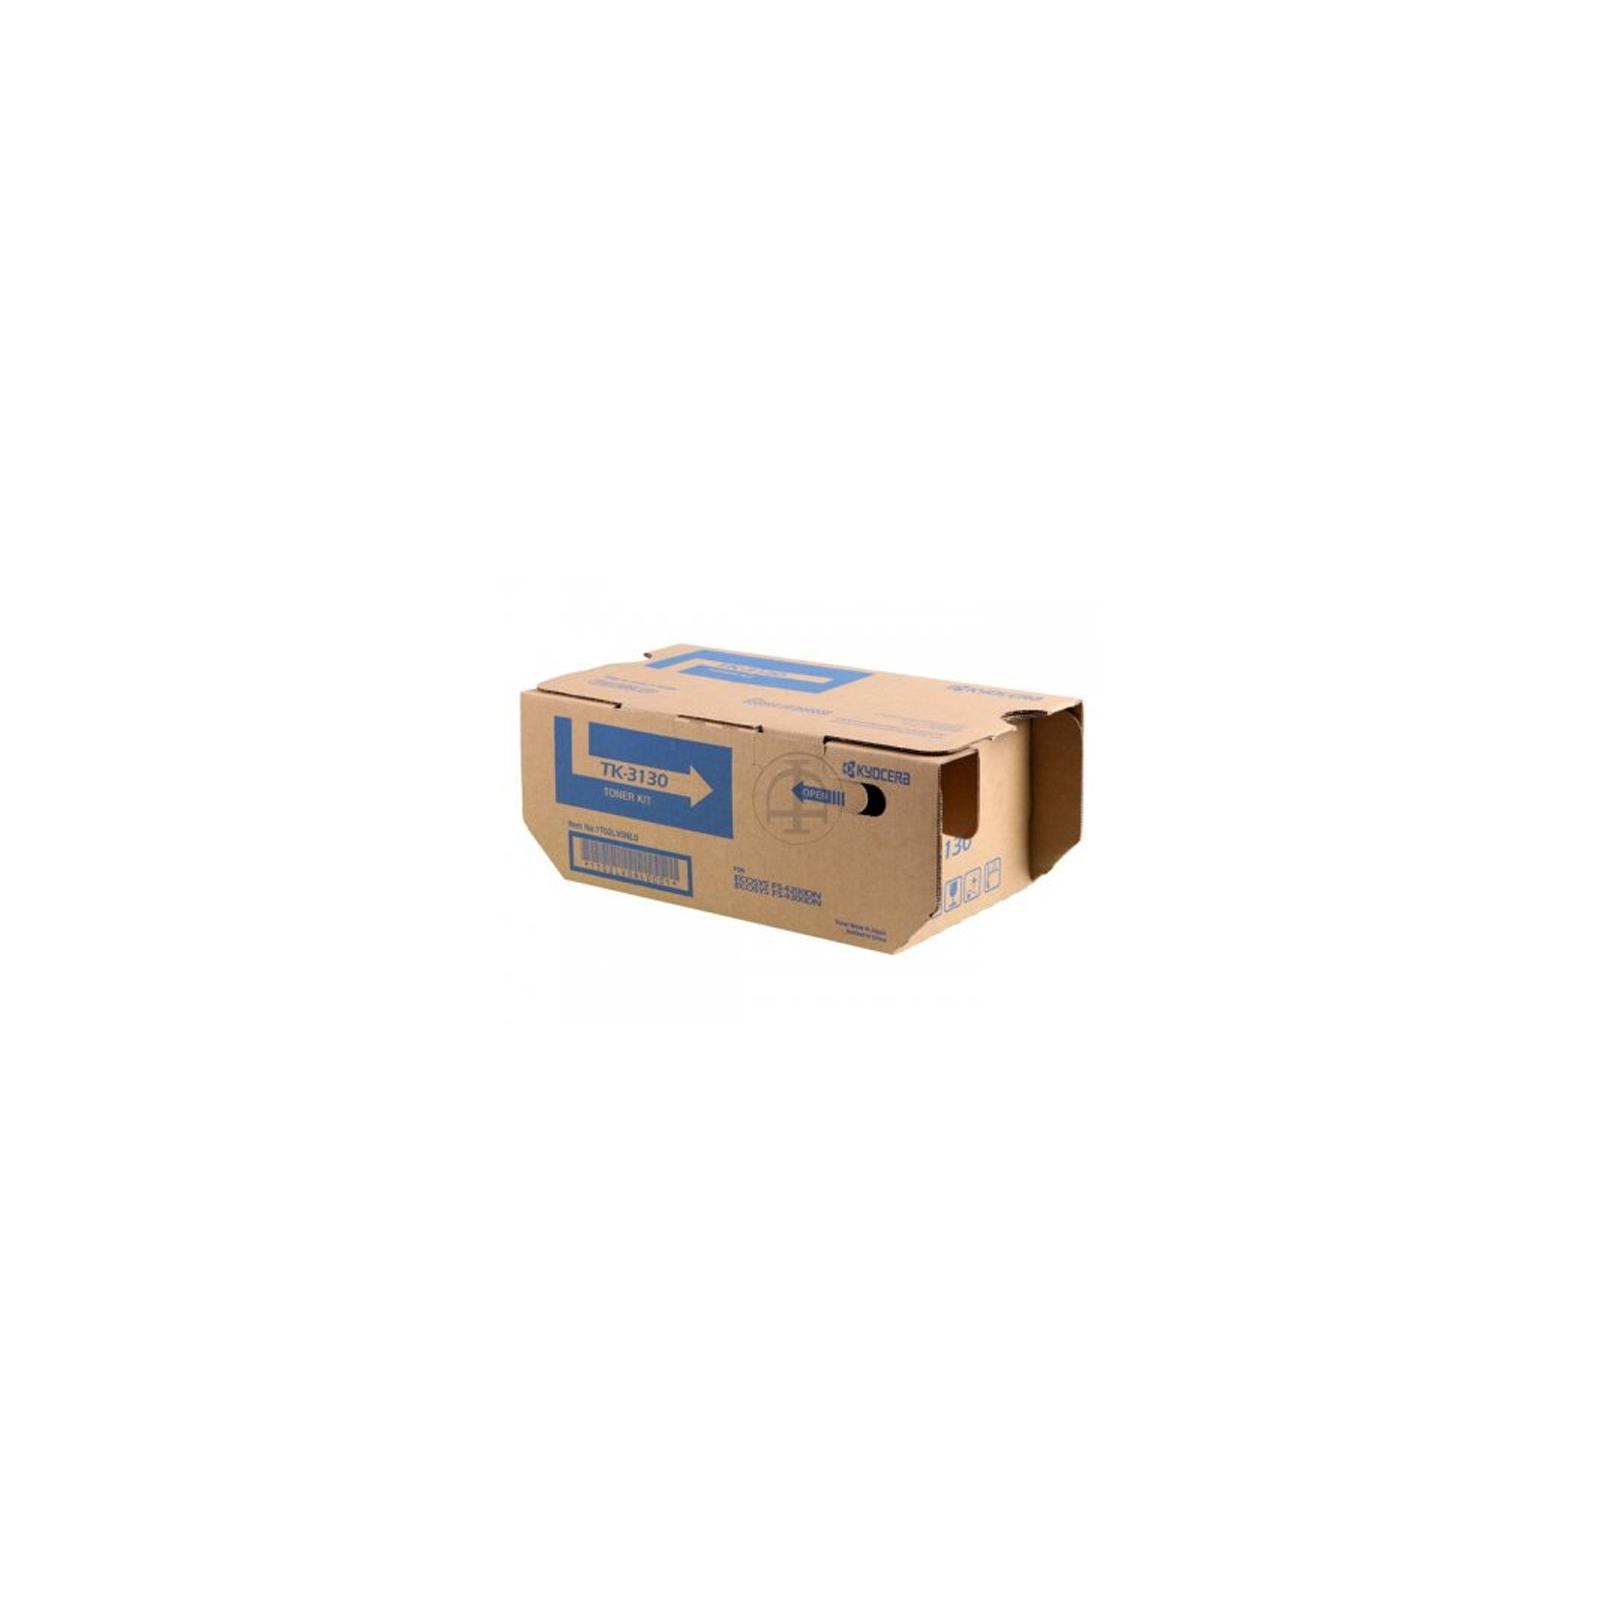 Тонер-картридж Kyocera TK-3130 (FS-4200DN/FS-4300DN) (1T02LV0NL0)